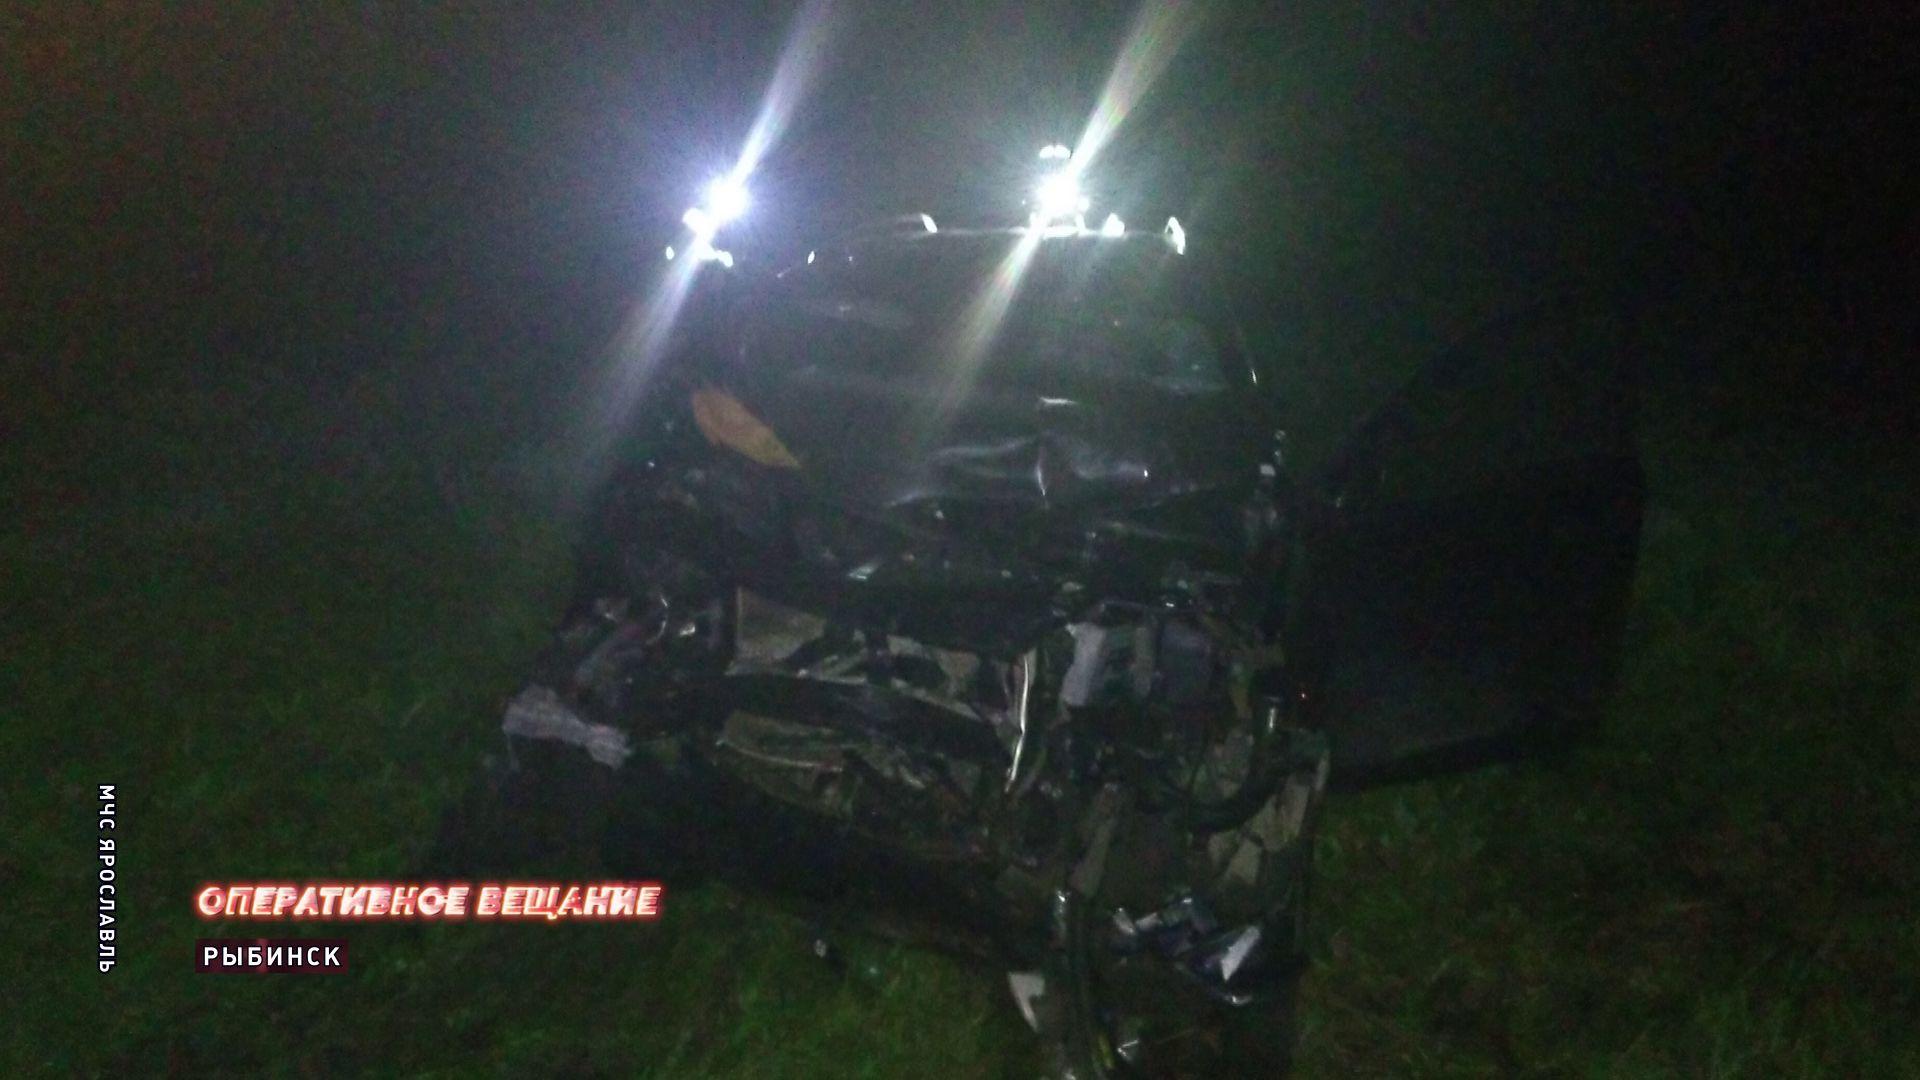 Возбуждено уголовное дело в отношении предполагаемого виновника смертельной аварии на трассе Холмогоры